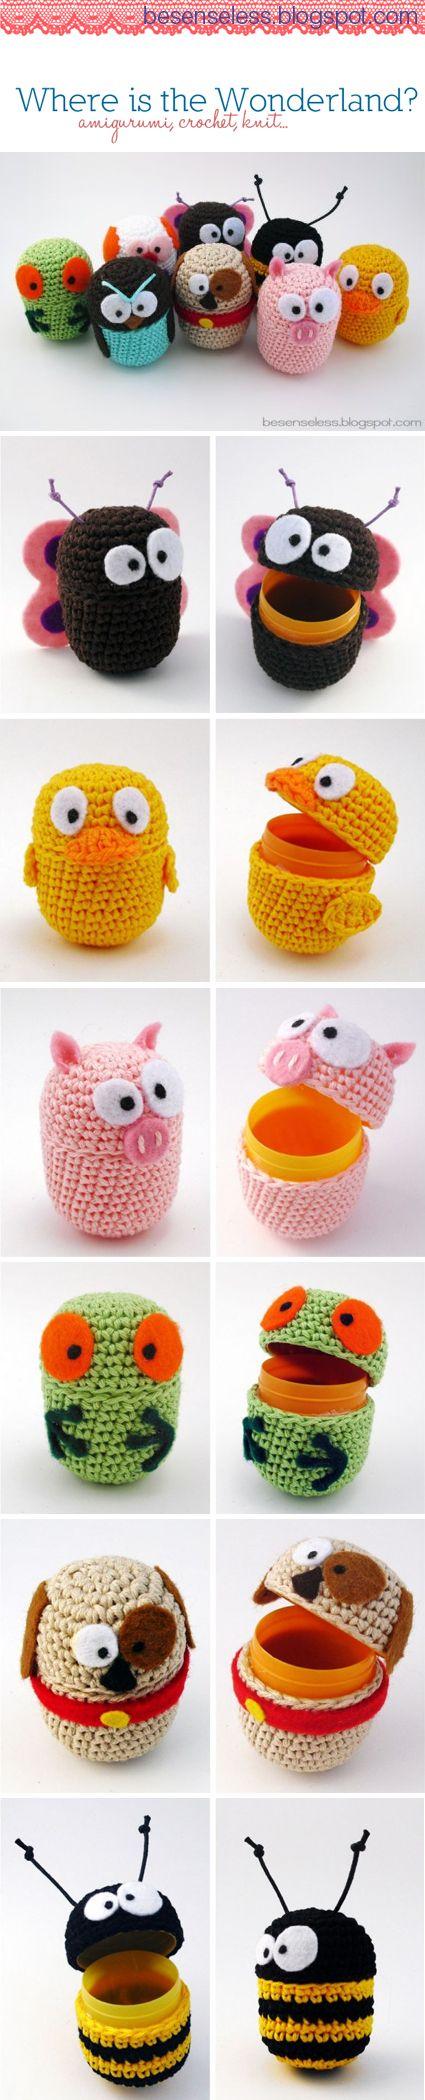 卵·あみぐるみ | ovetti-amigurumi | eggs-amigurumi #amigurumi #crochet #uncinetto #あみぐるみ | From Italy by besenseless.blogspot.it